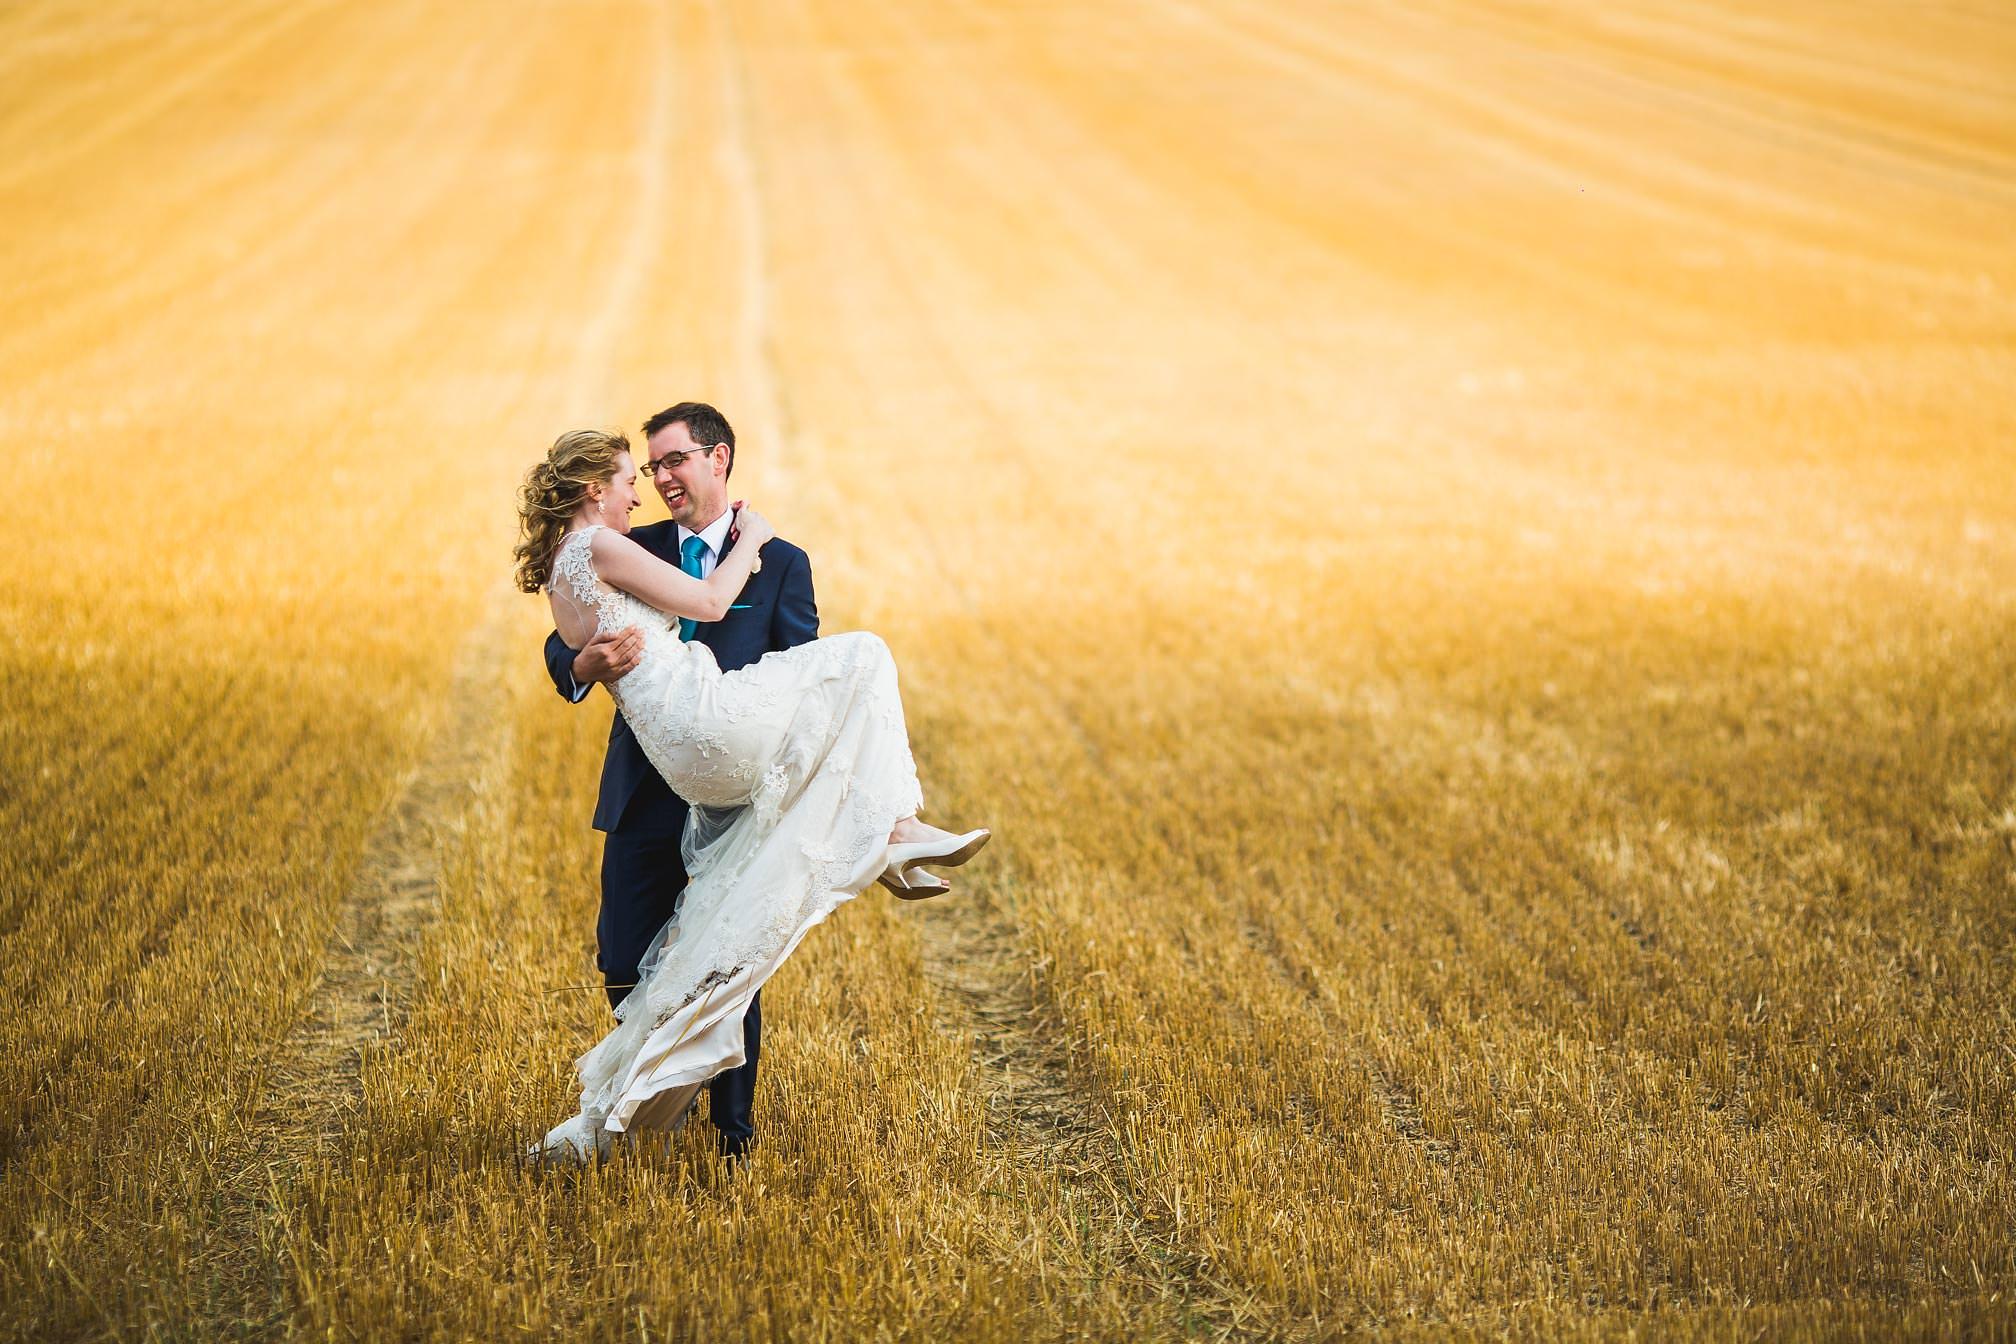 Average Wedding Photographer Cost Uk: Northamptonshire Wedding Photographer